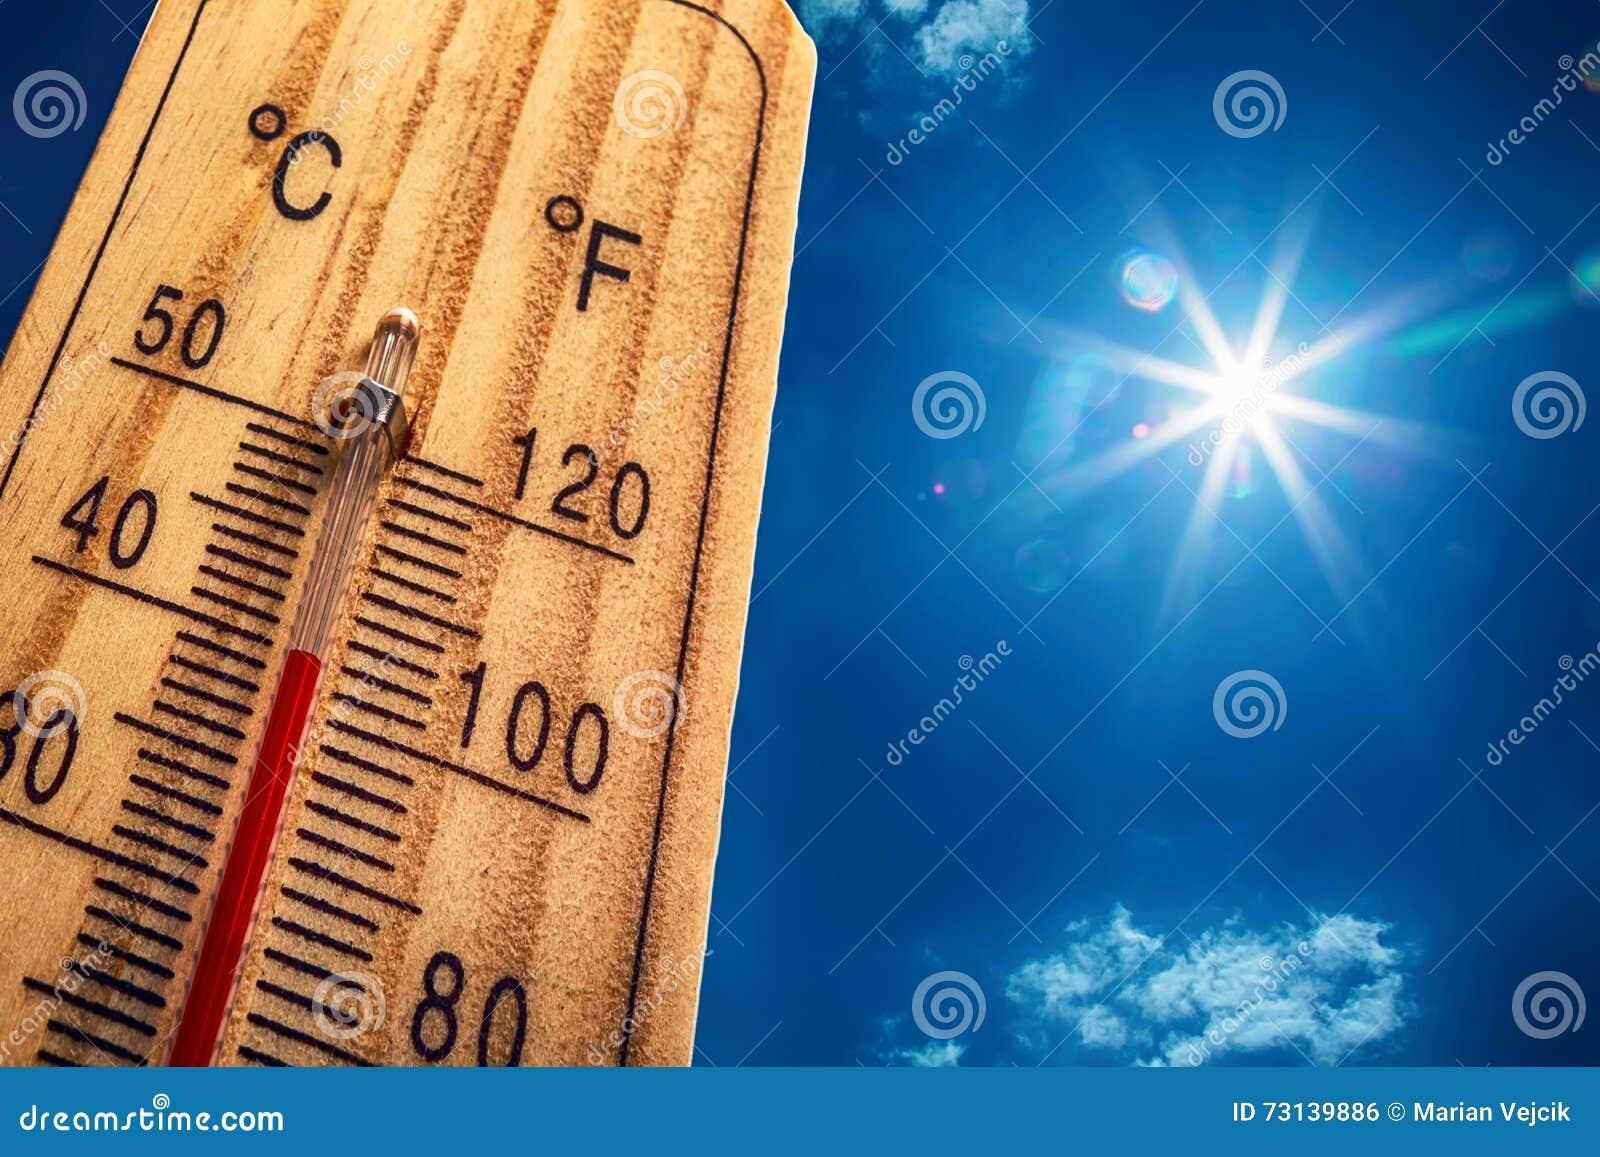 Ουρανός 40 ήλιων θερμομέτρων Degres καυτό καλοκαίρι ημέρας Υψηλές θερινές θερμοκρασίες στους βαθμούς Κέλσιος και Farenheit